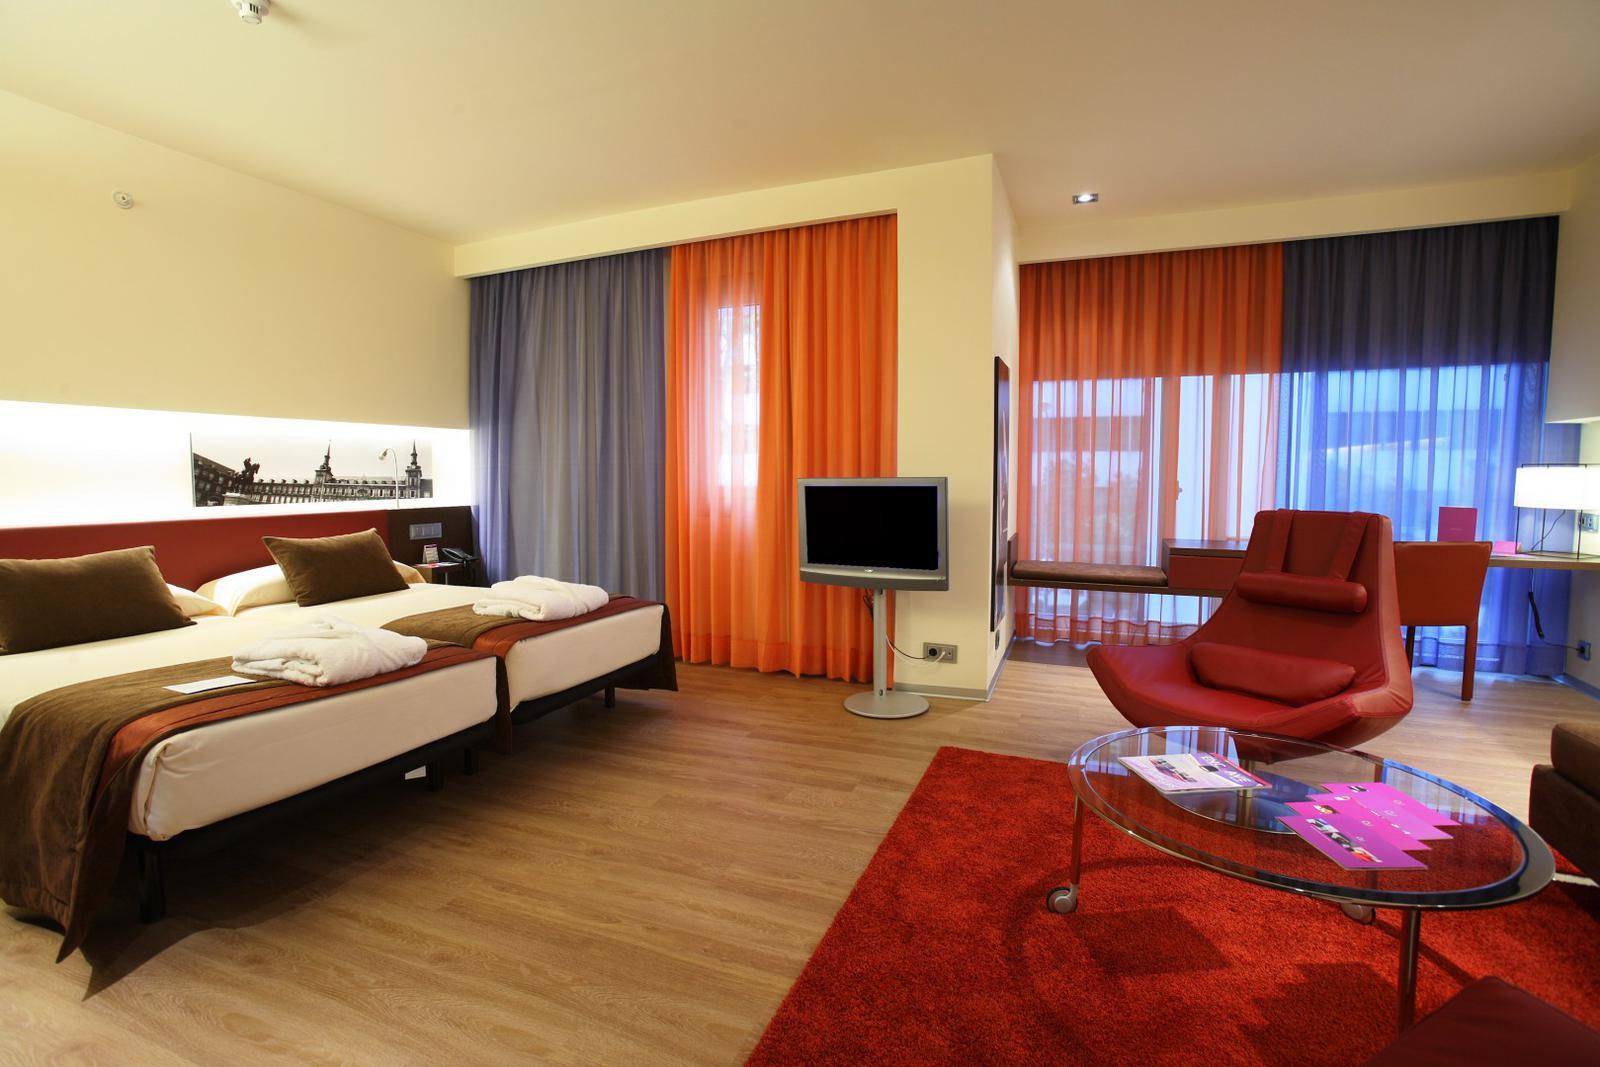 Los mejores hoteles de lujo baratos de espa a for Hoteles de lujo en espana ofertas